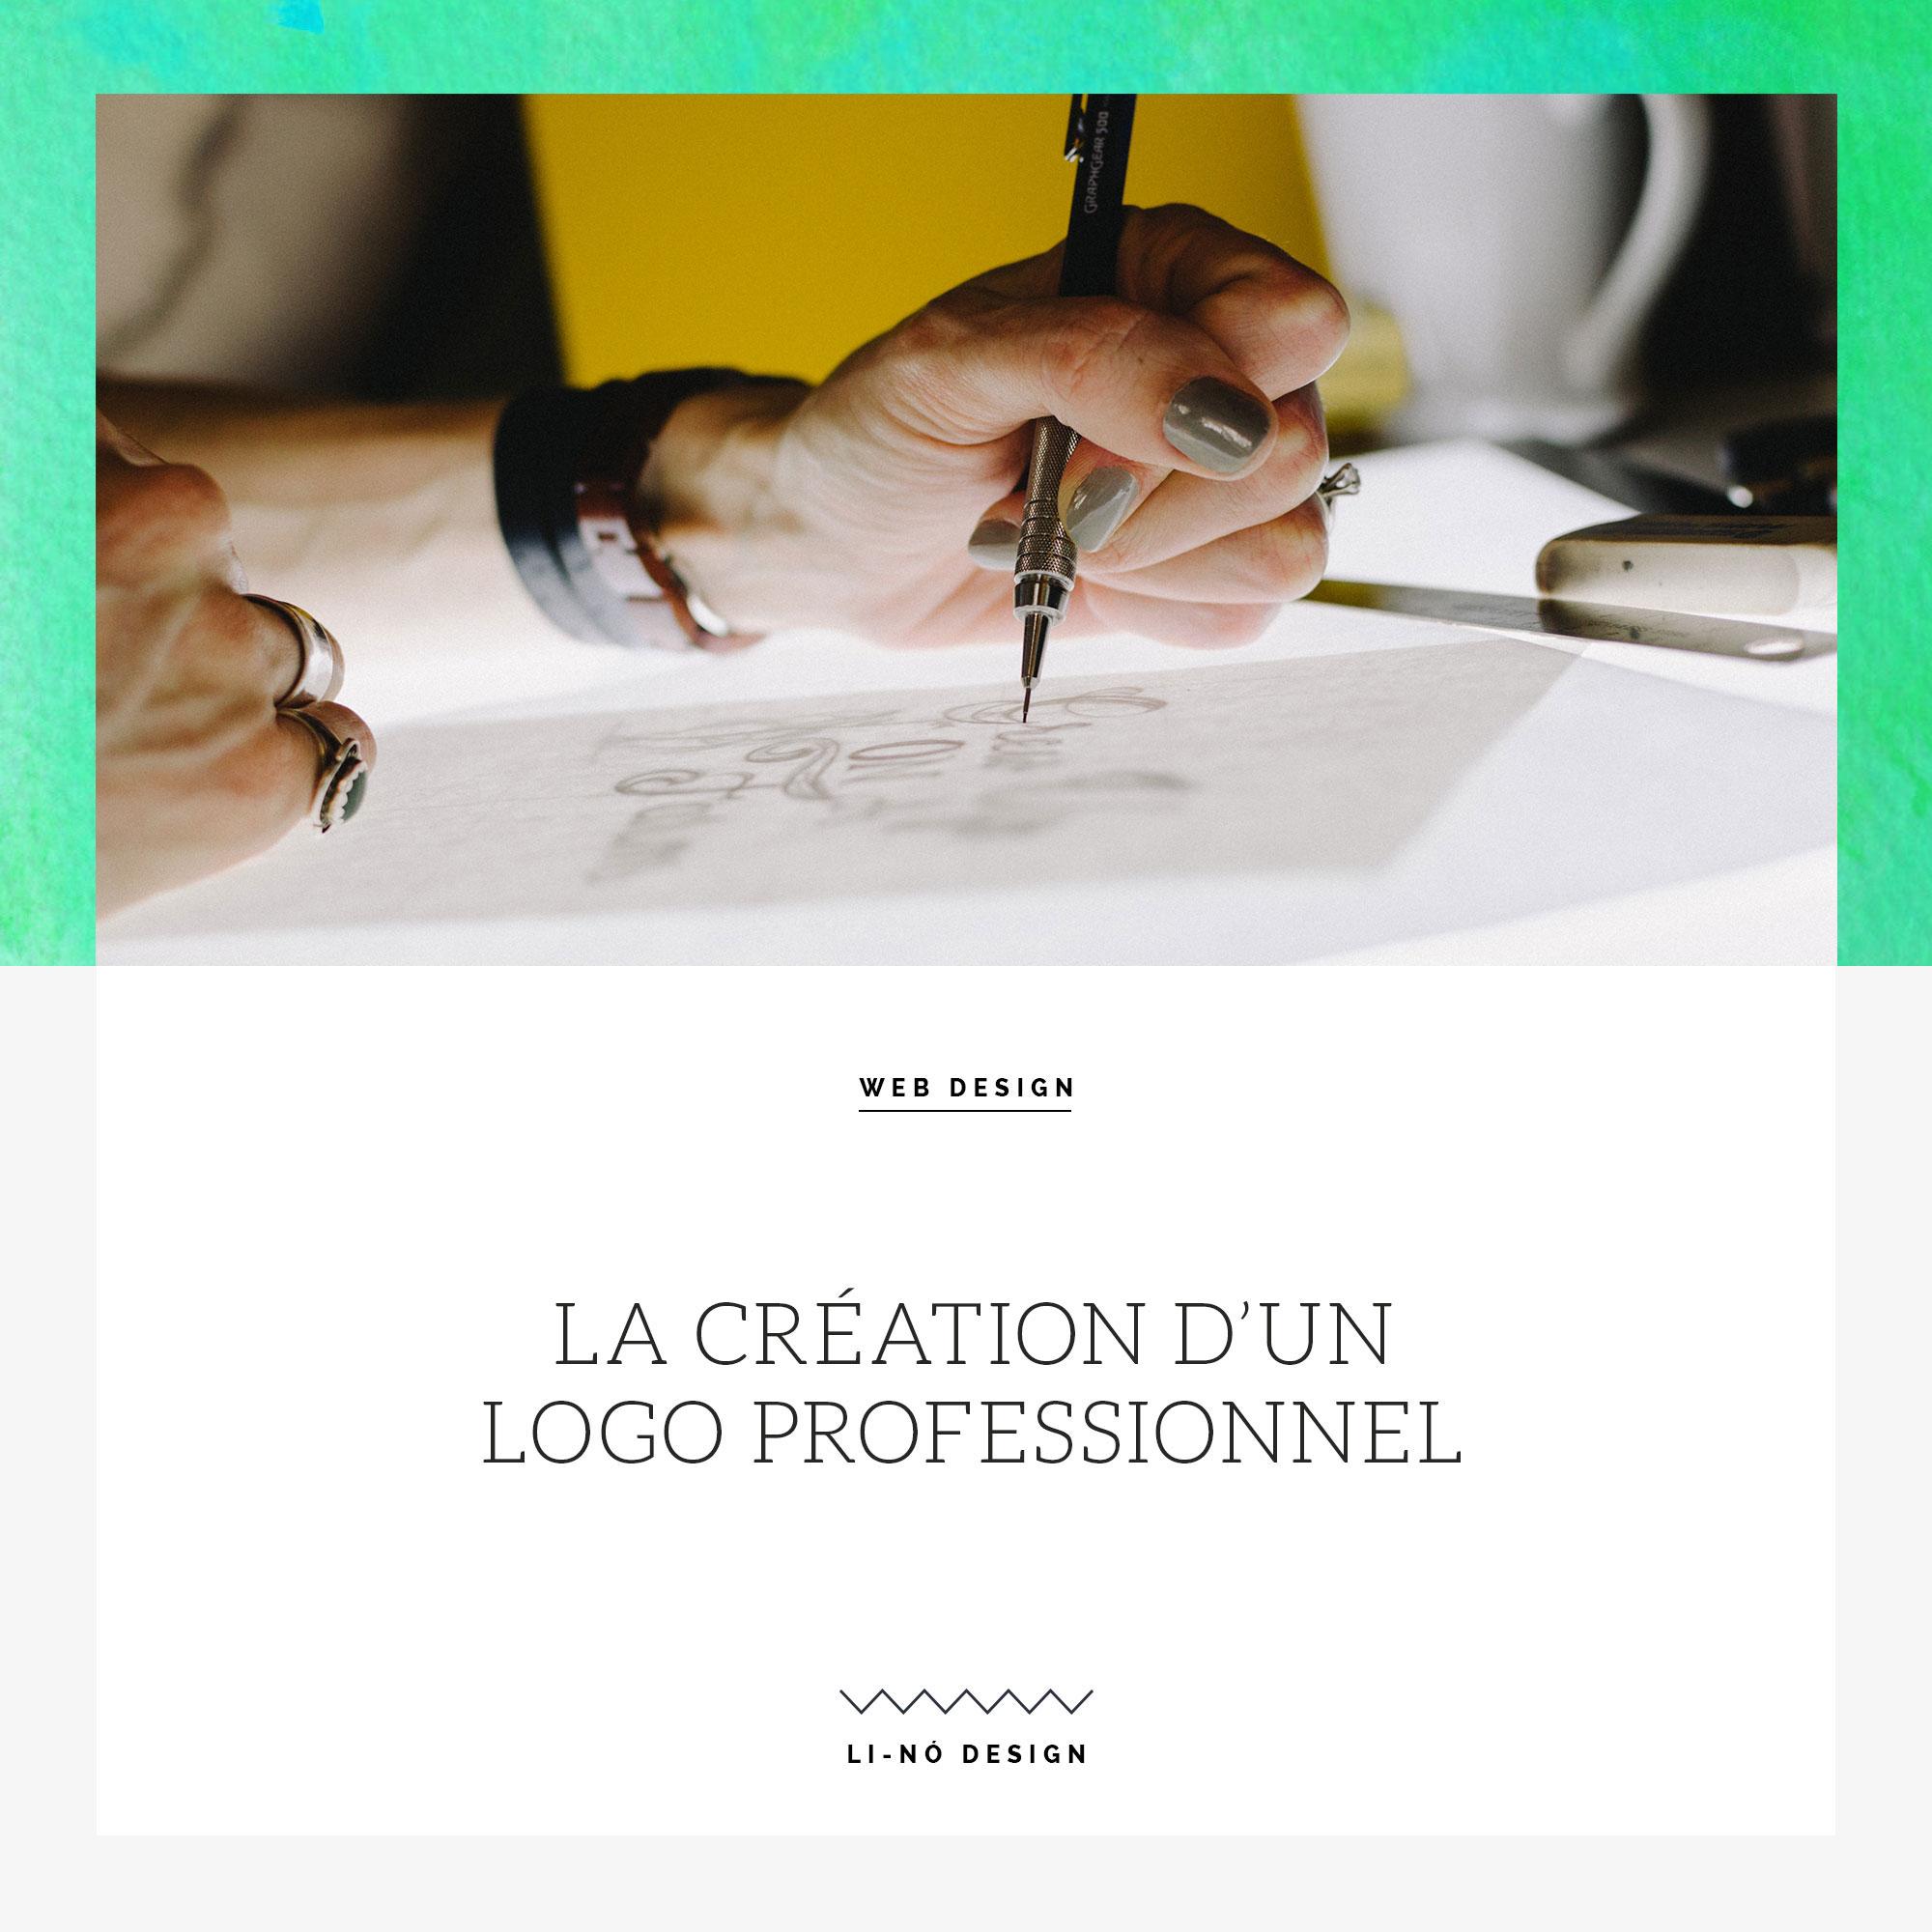 La création d'un logo professionnel